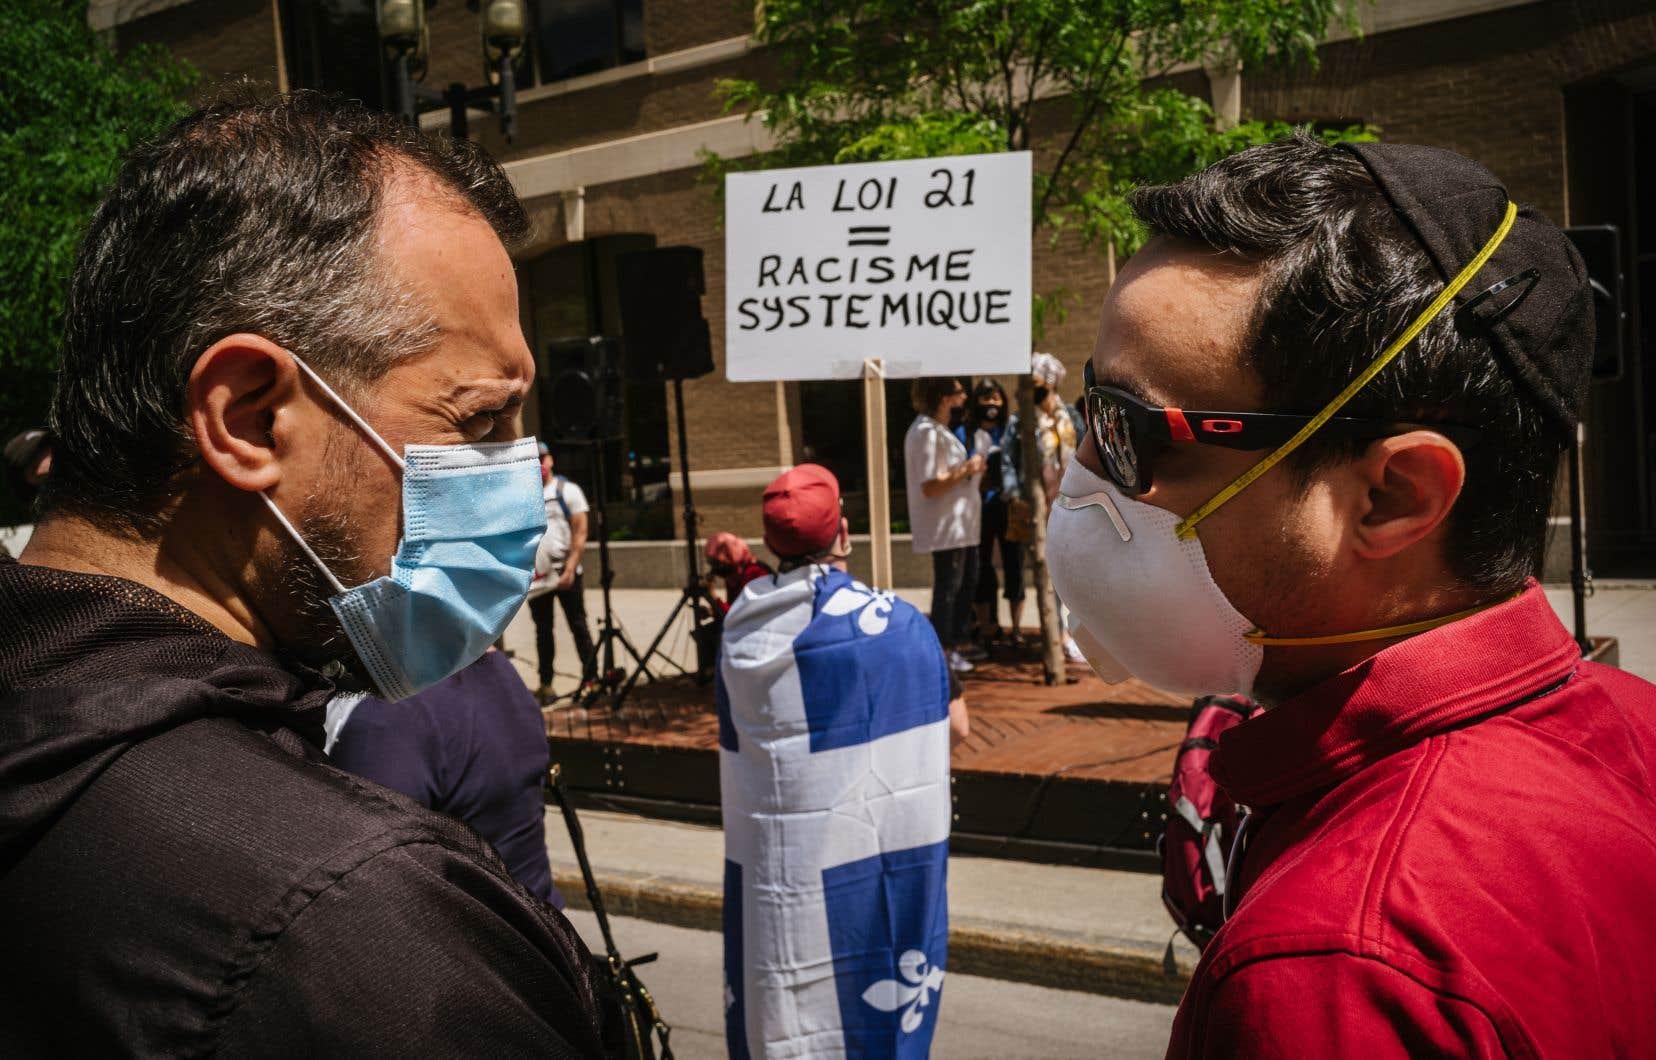 Manifestation contre la loi 21 sur la laïcité de l'État